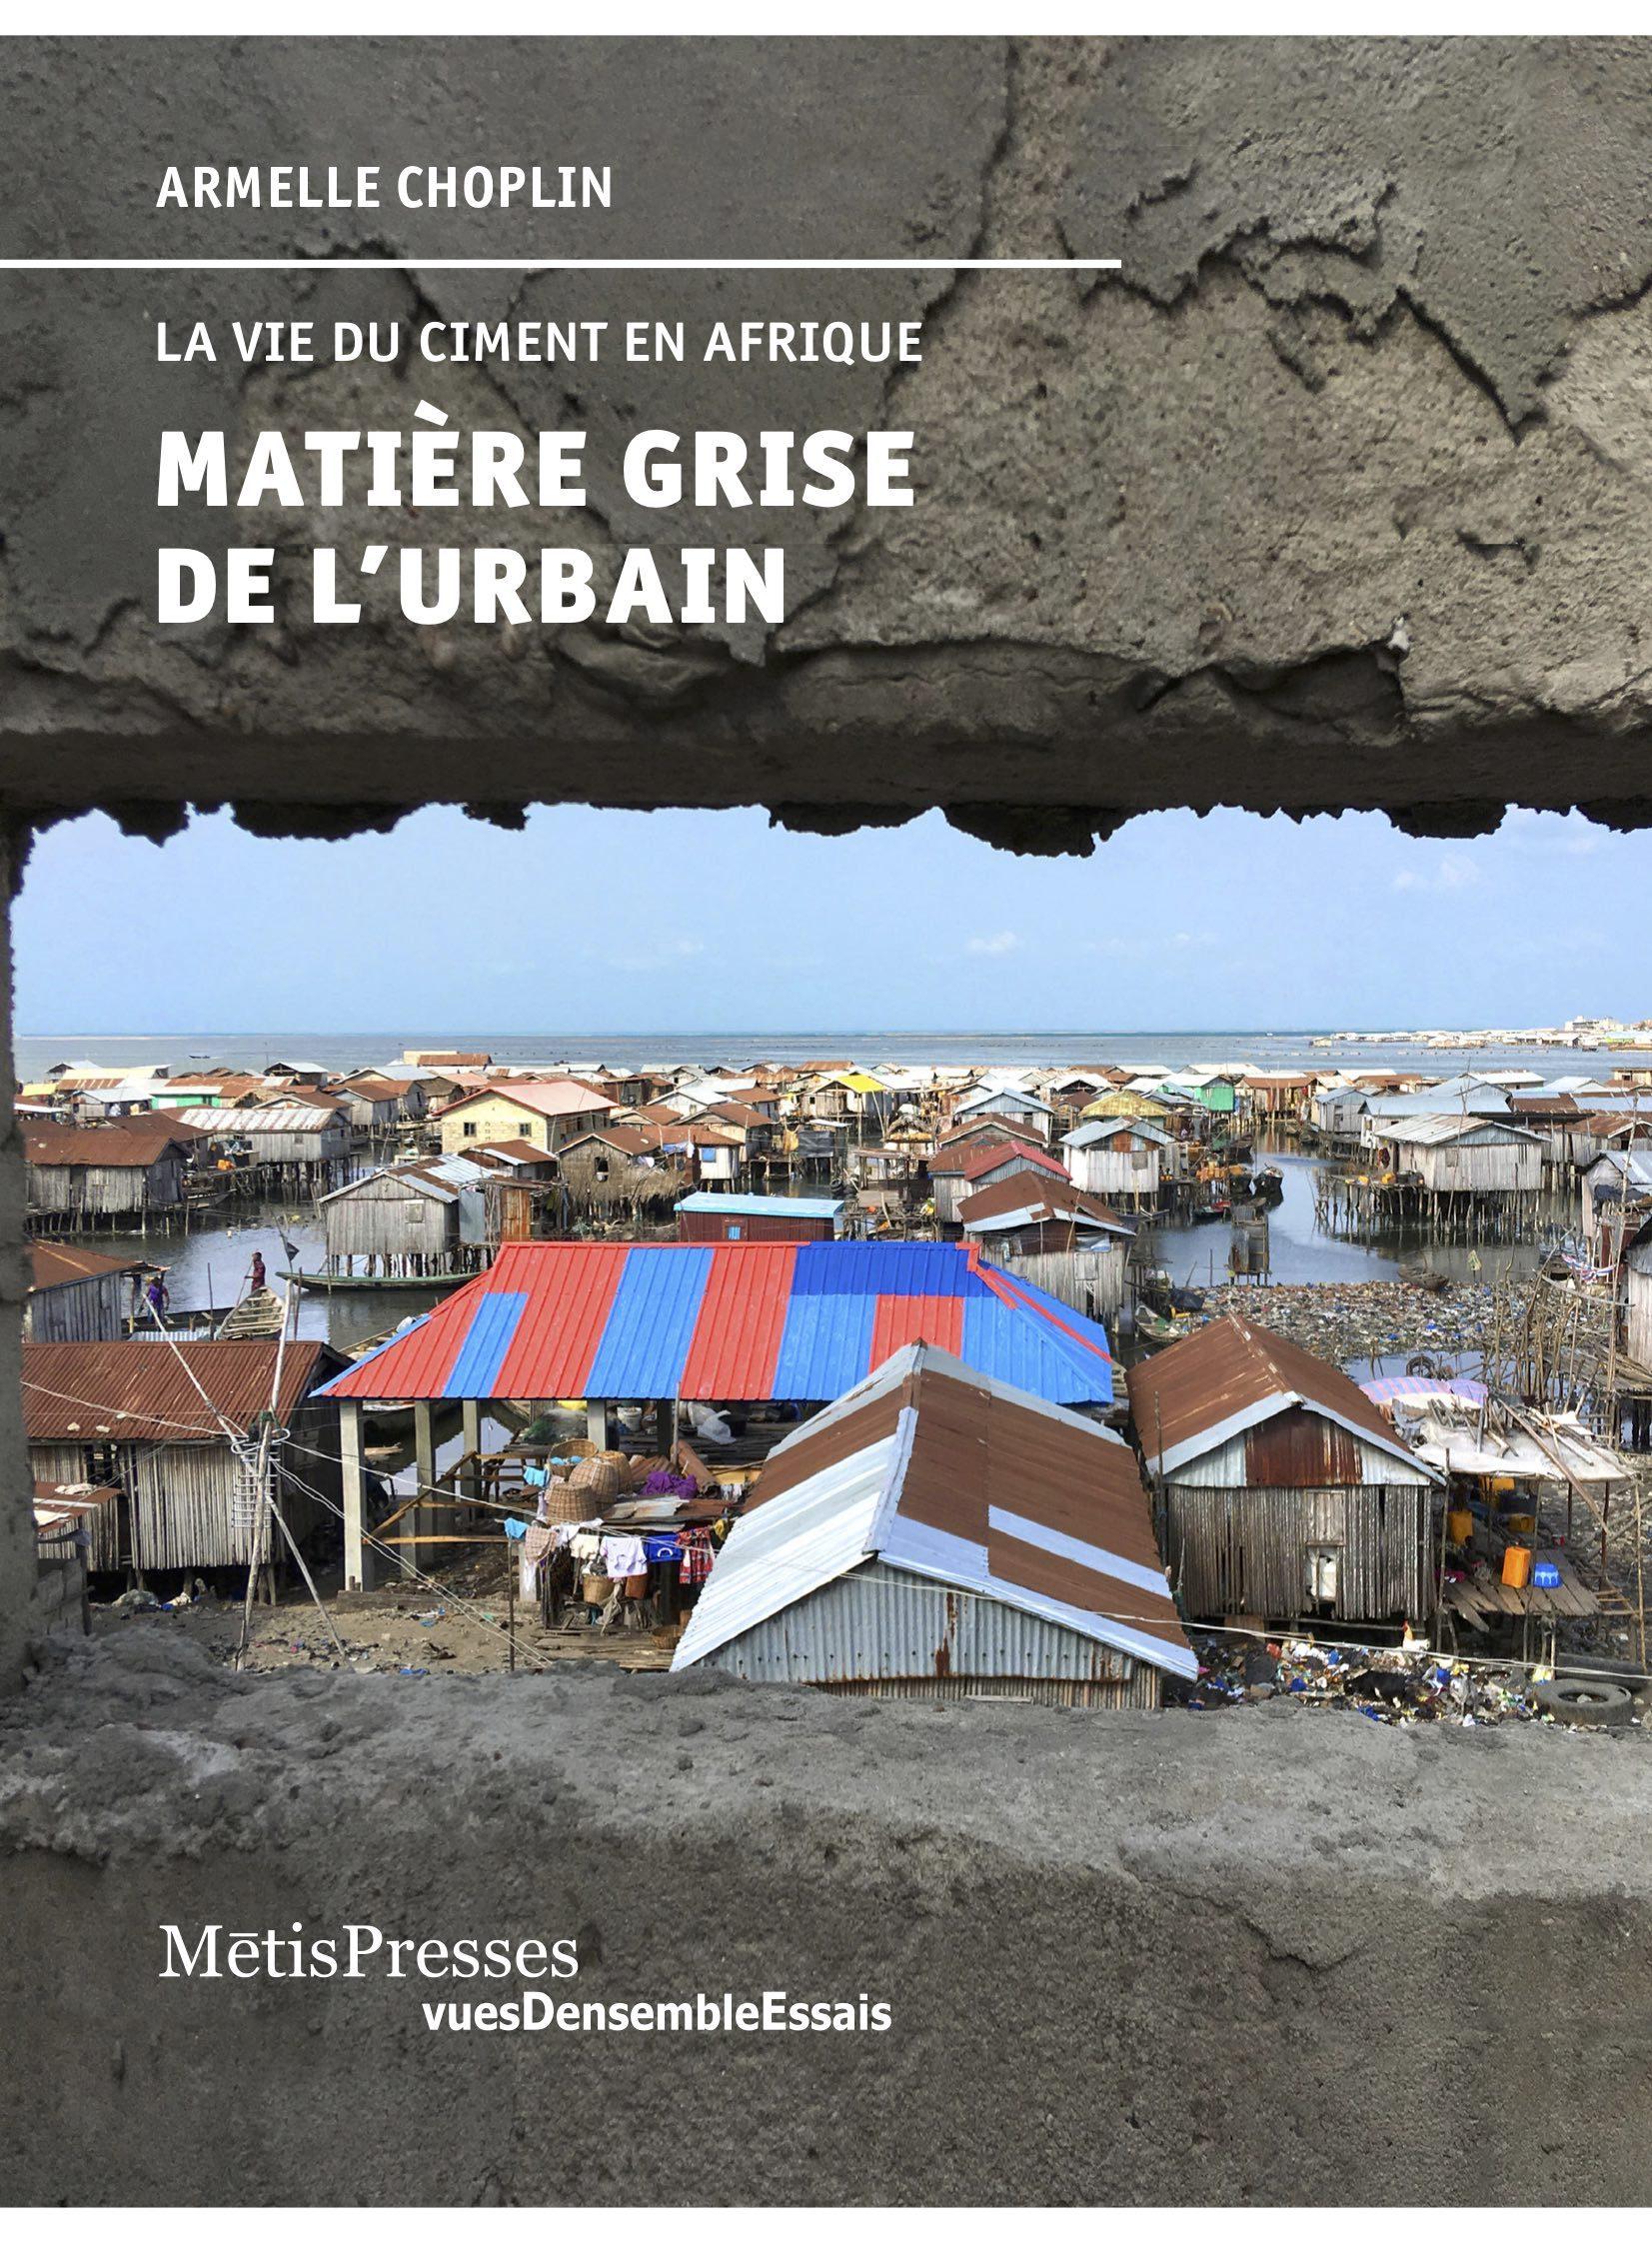 MATIERE GRISE DE L'URBAIN - LA VIE DU CIMENT EN AFRIQUE